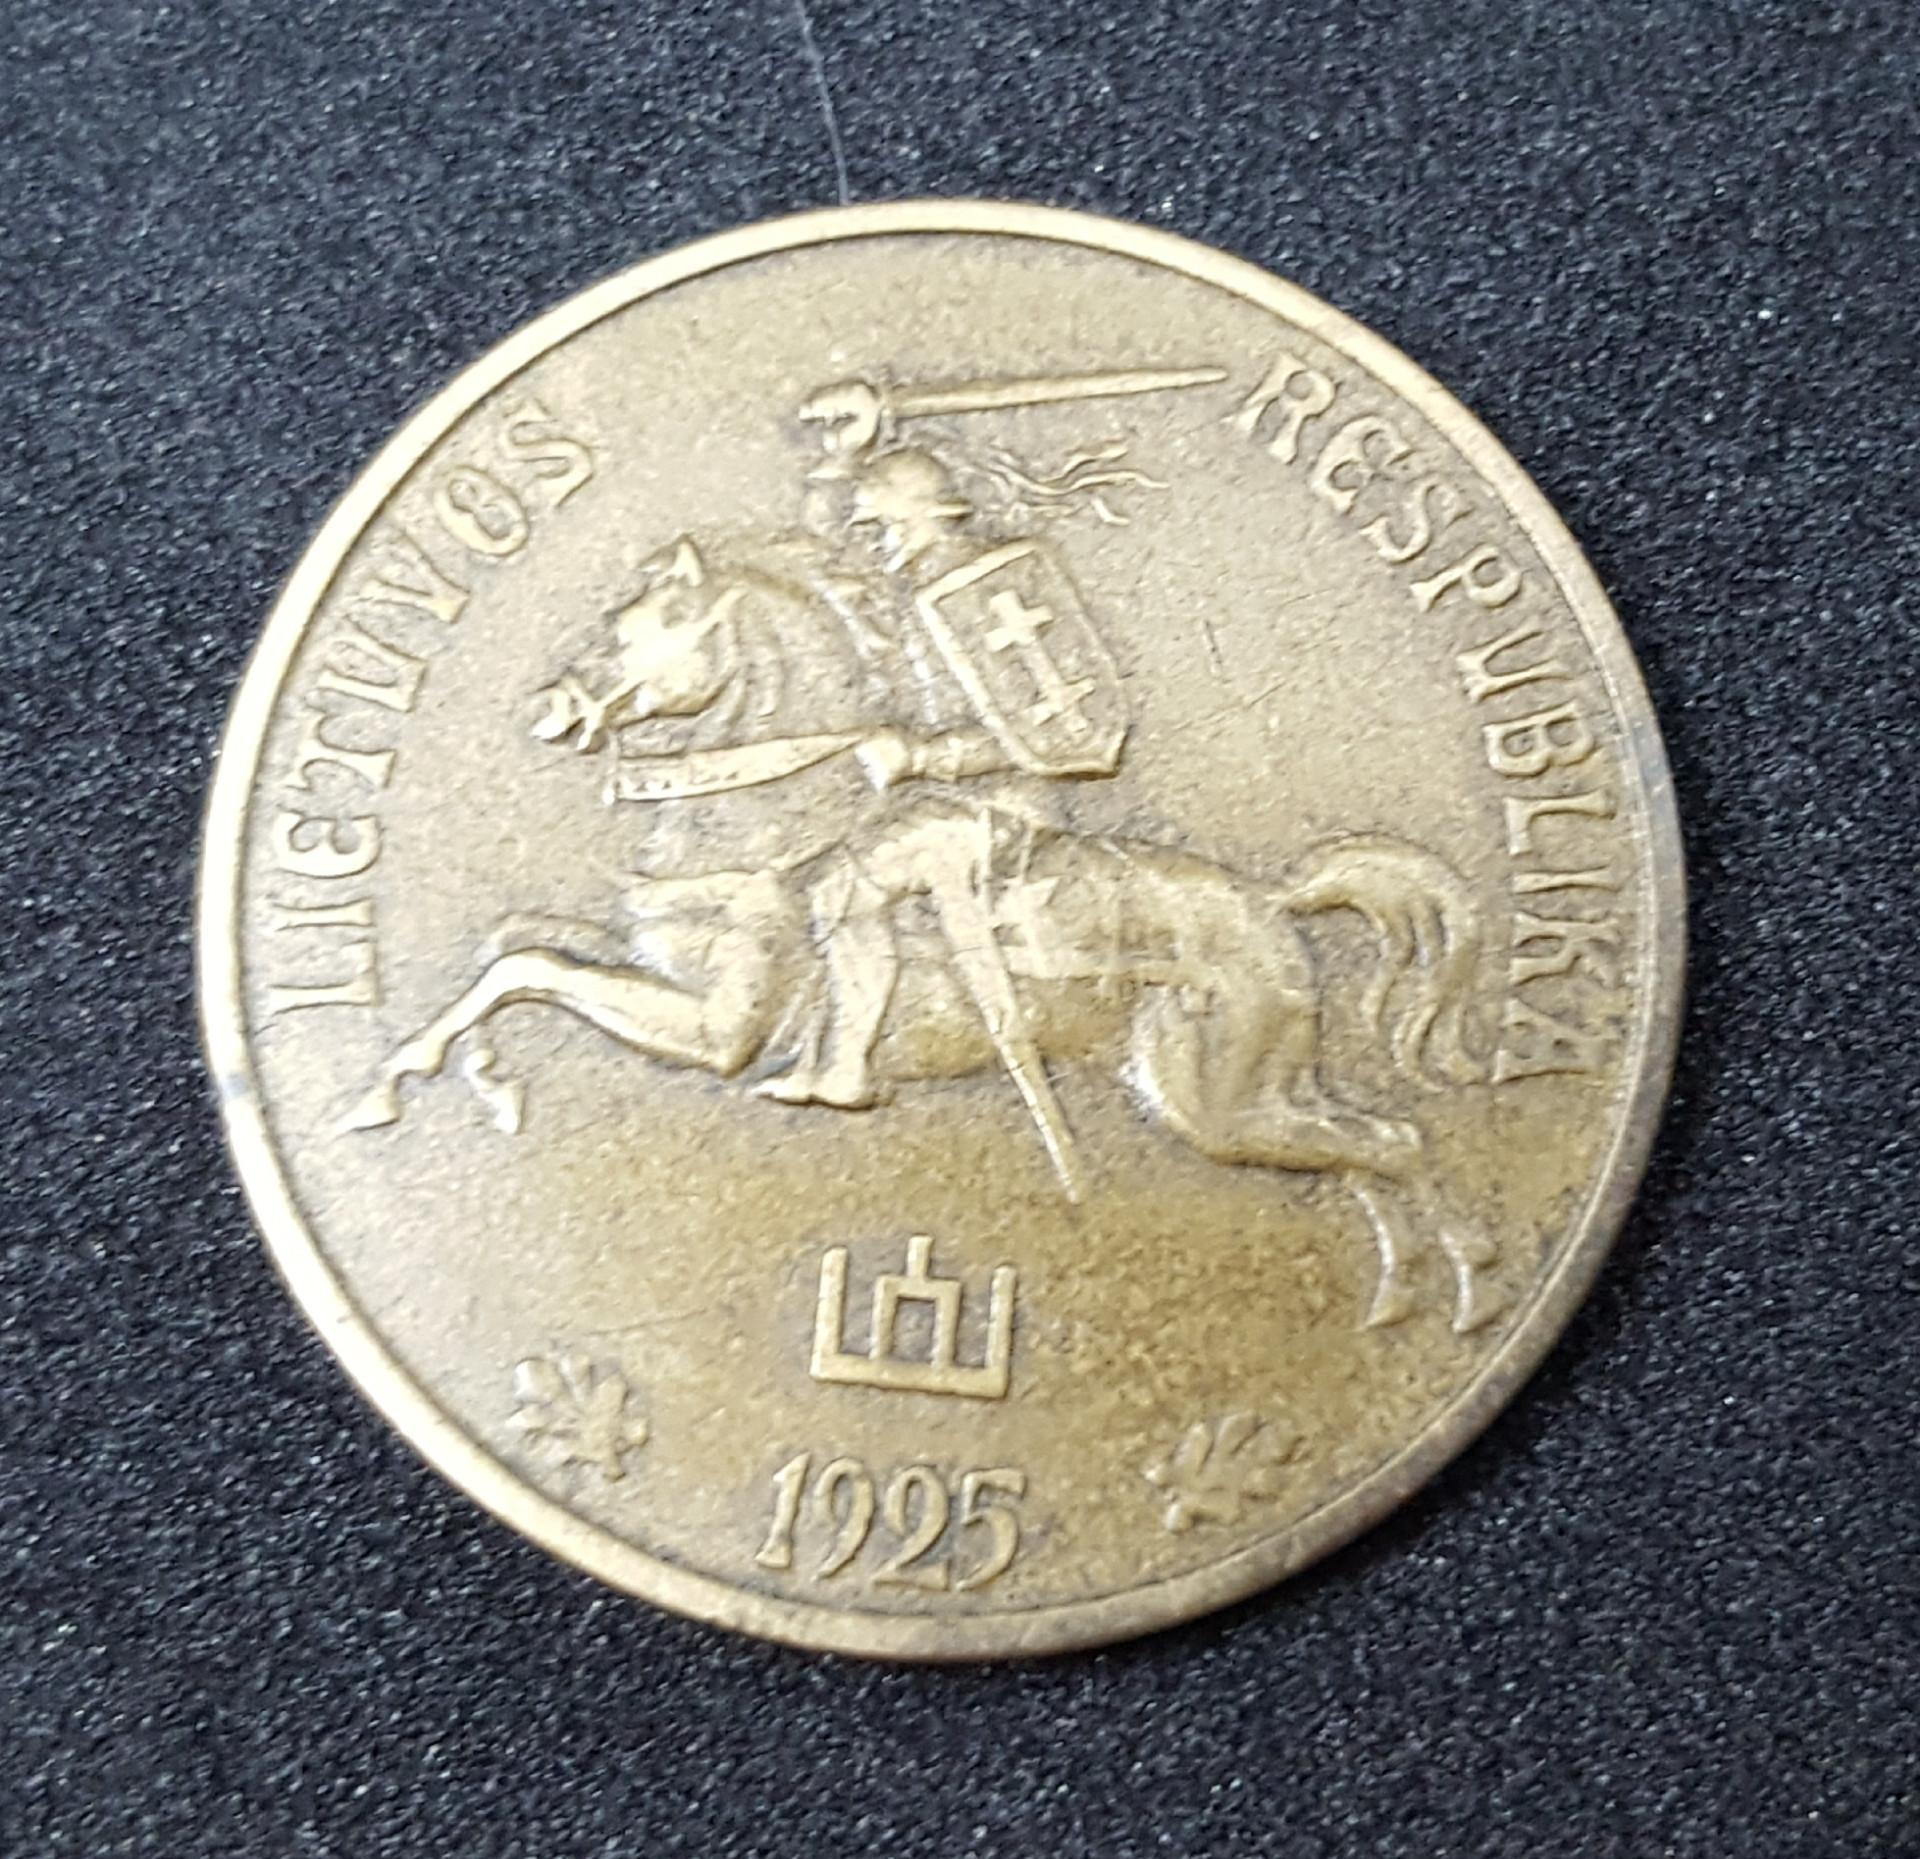 1925 50 centų